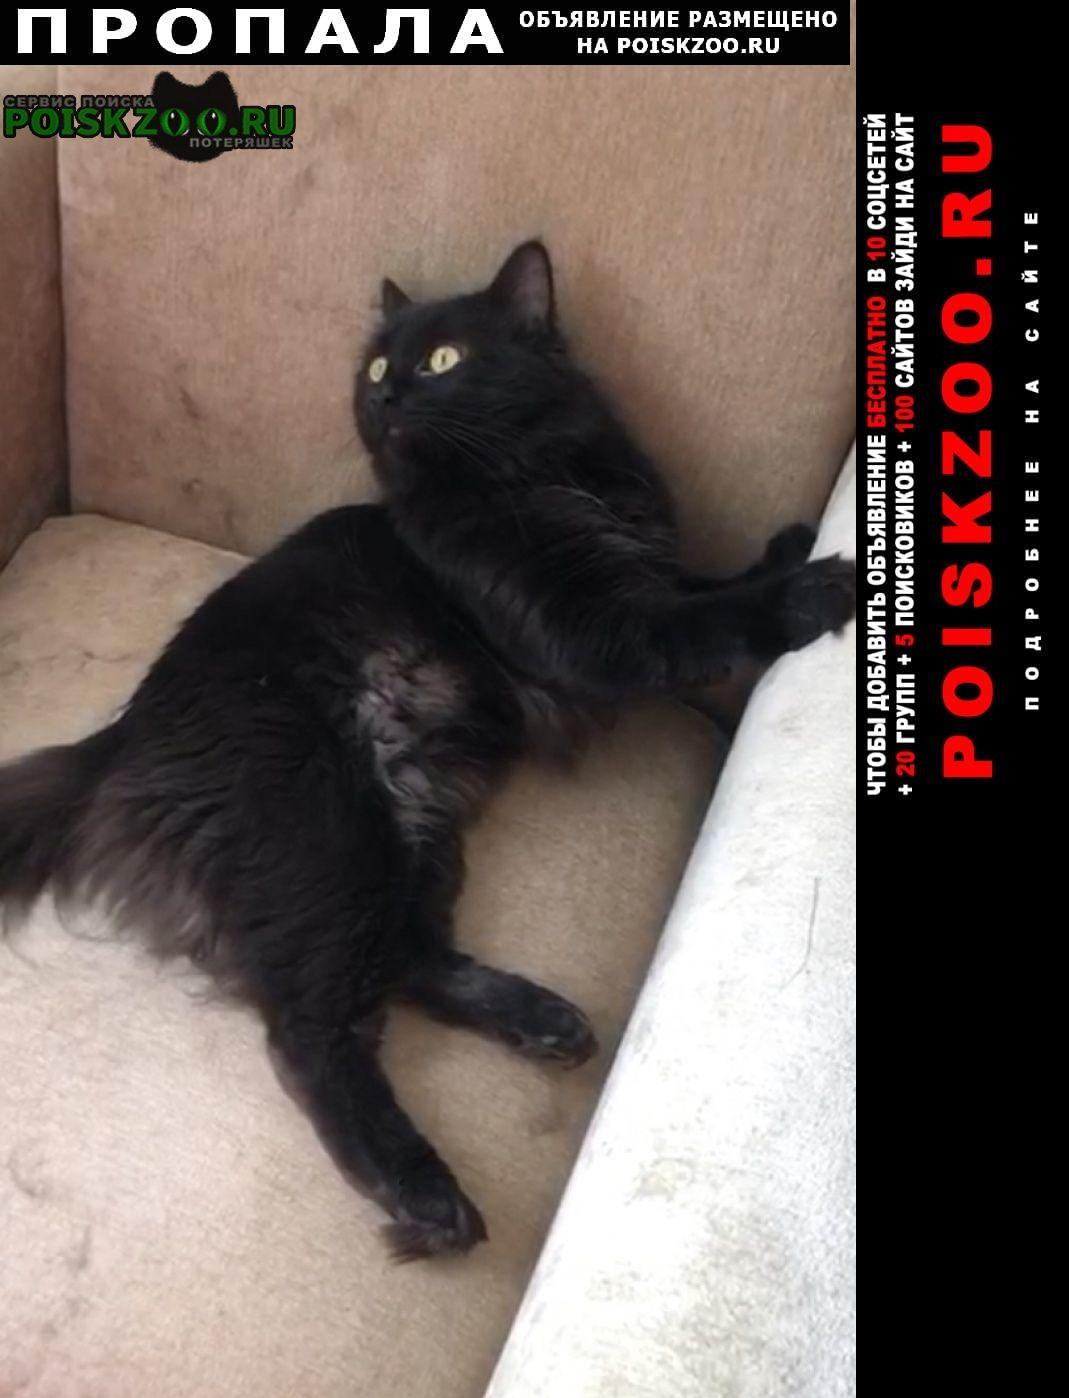 Пропал кот помогите найти за вознагражление 5 000 Краснодар